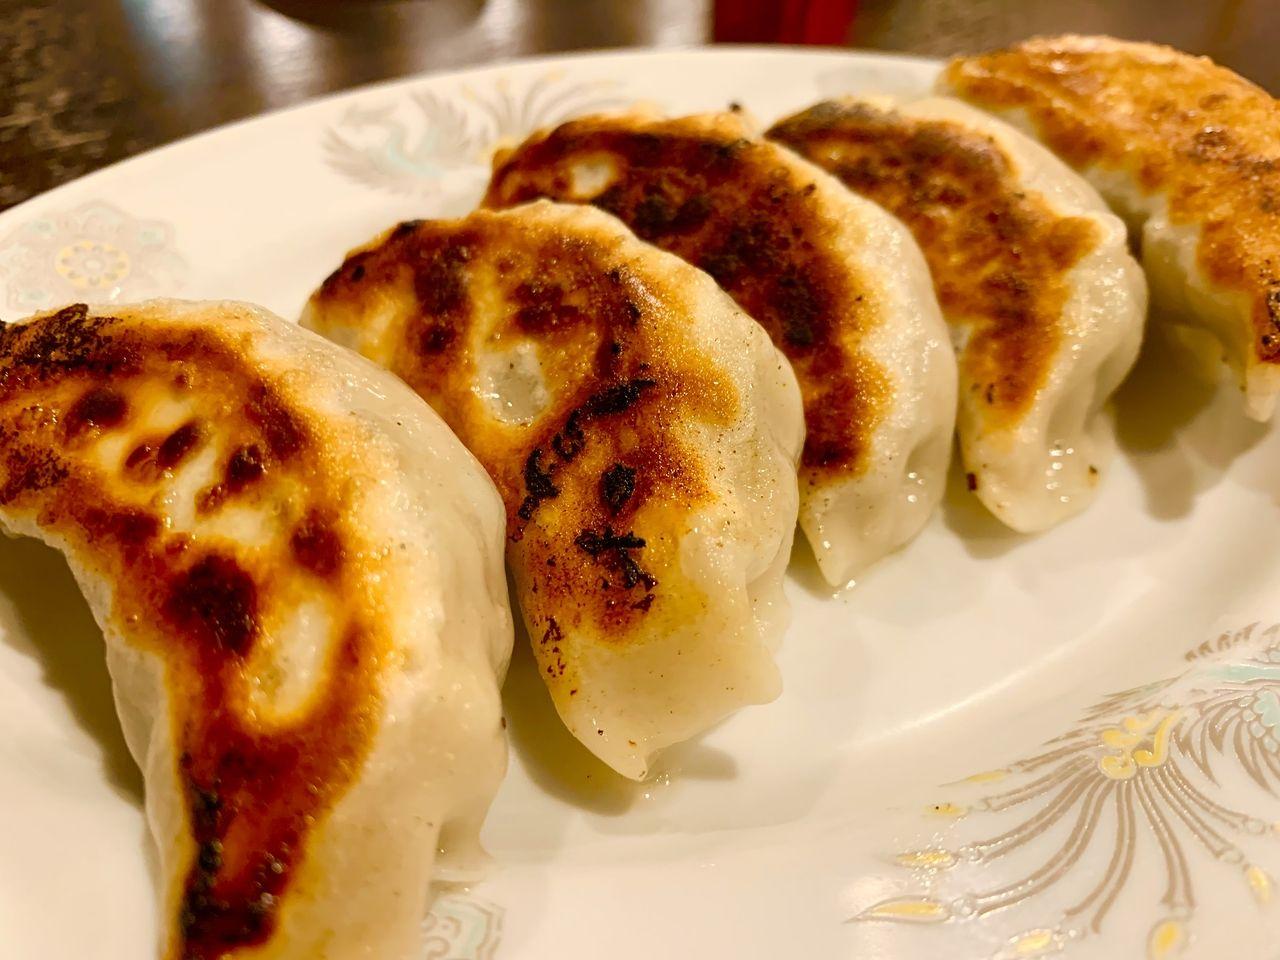 【三郷市食べ歩きブログ】三郷市早稲田1丁目にある中華料理「三郷520」へ行ってきました!